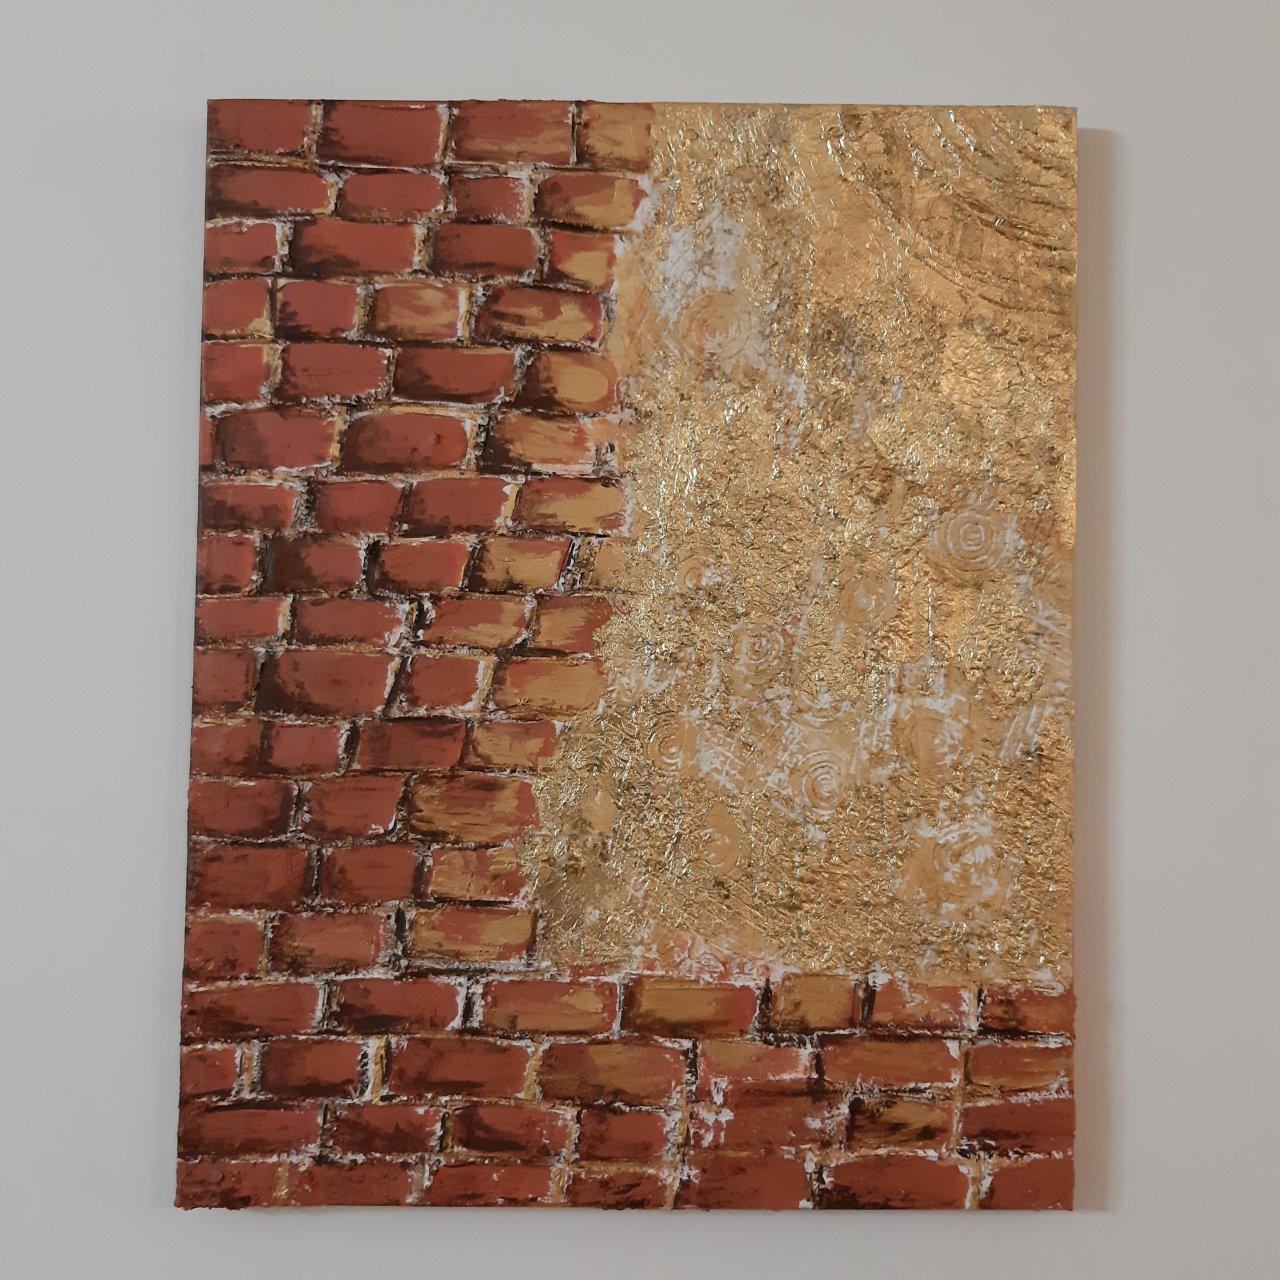 تابلو نقاشی طرح دیوار گنج